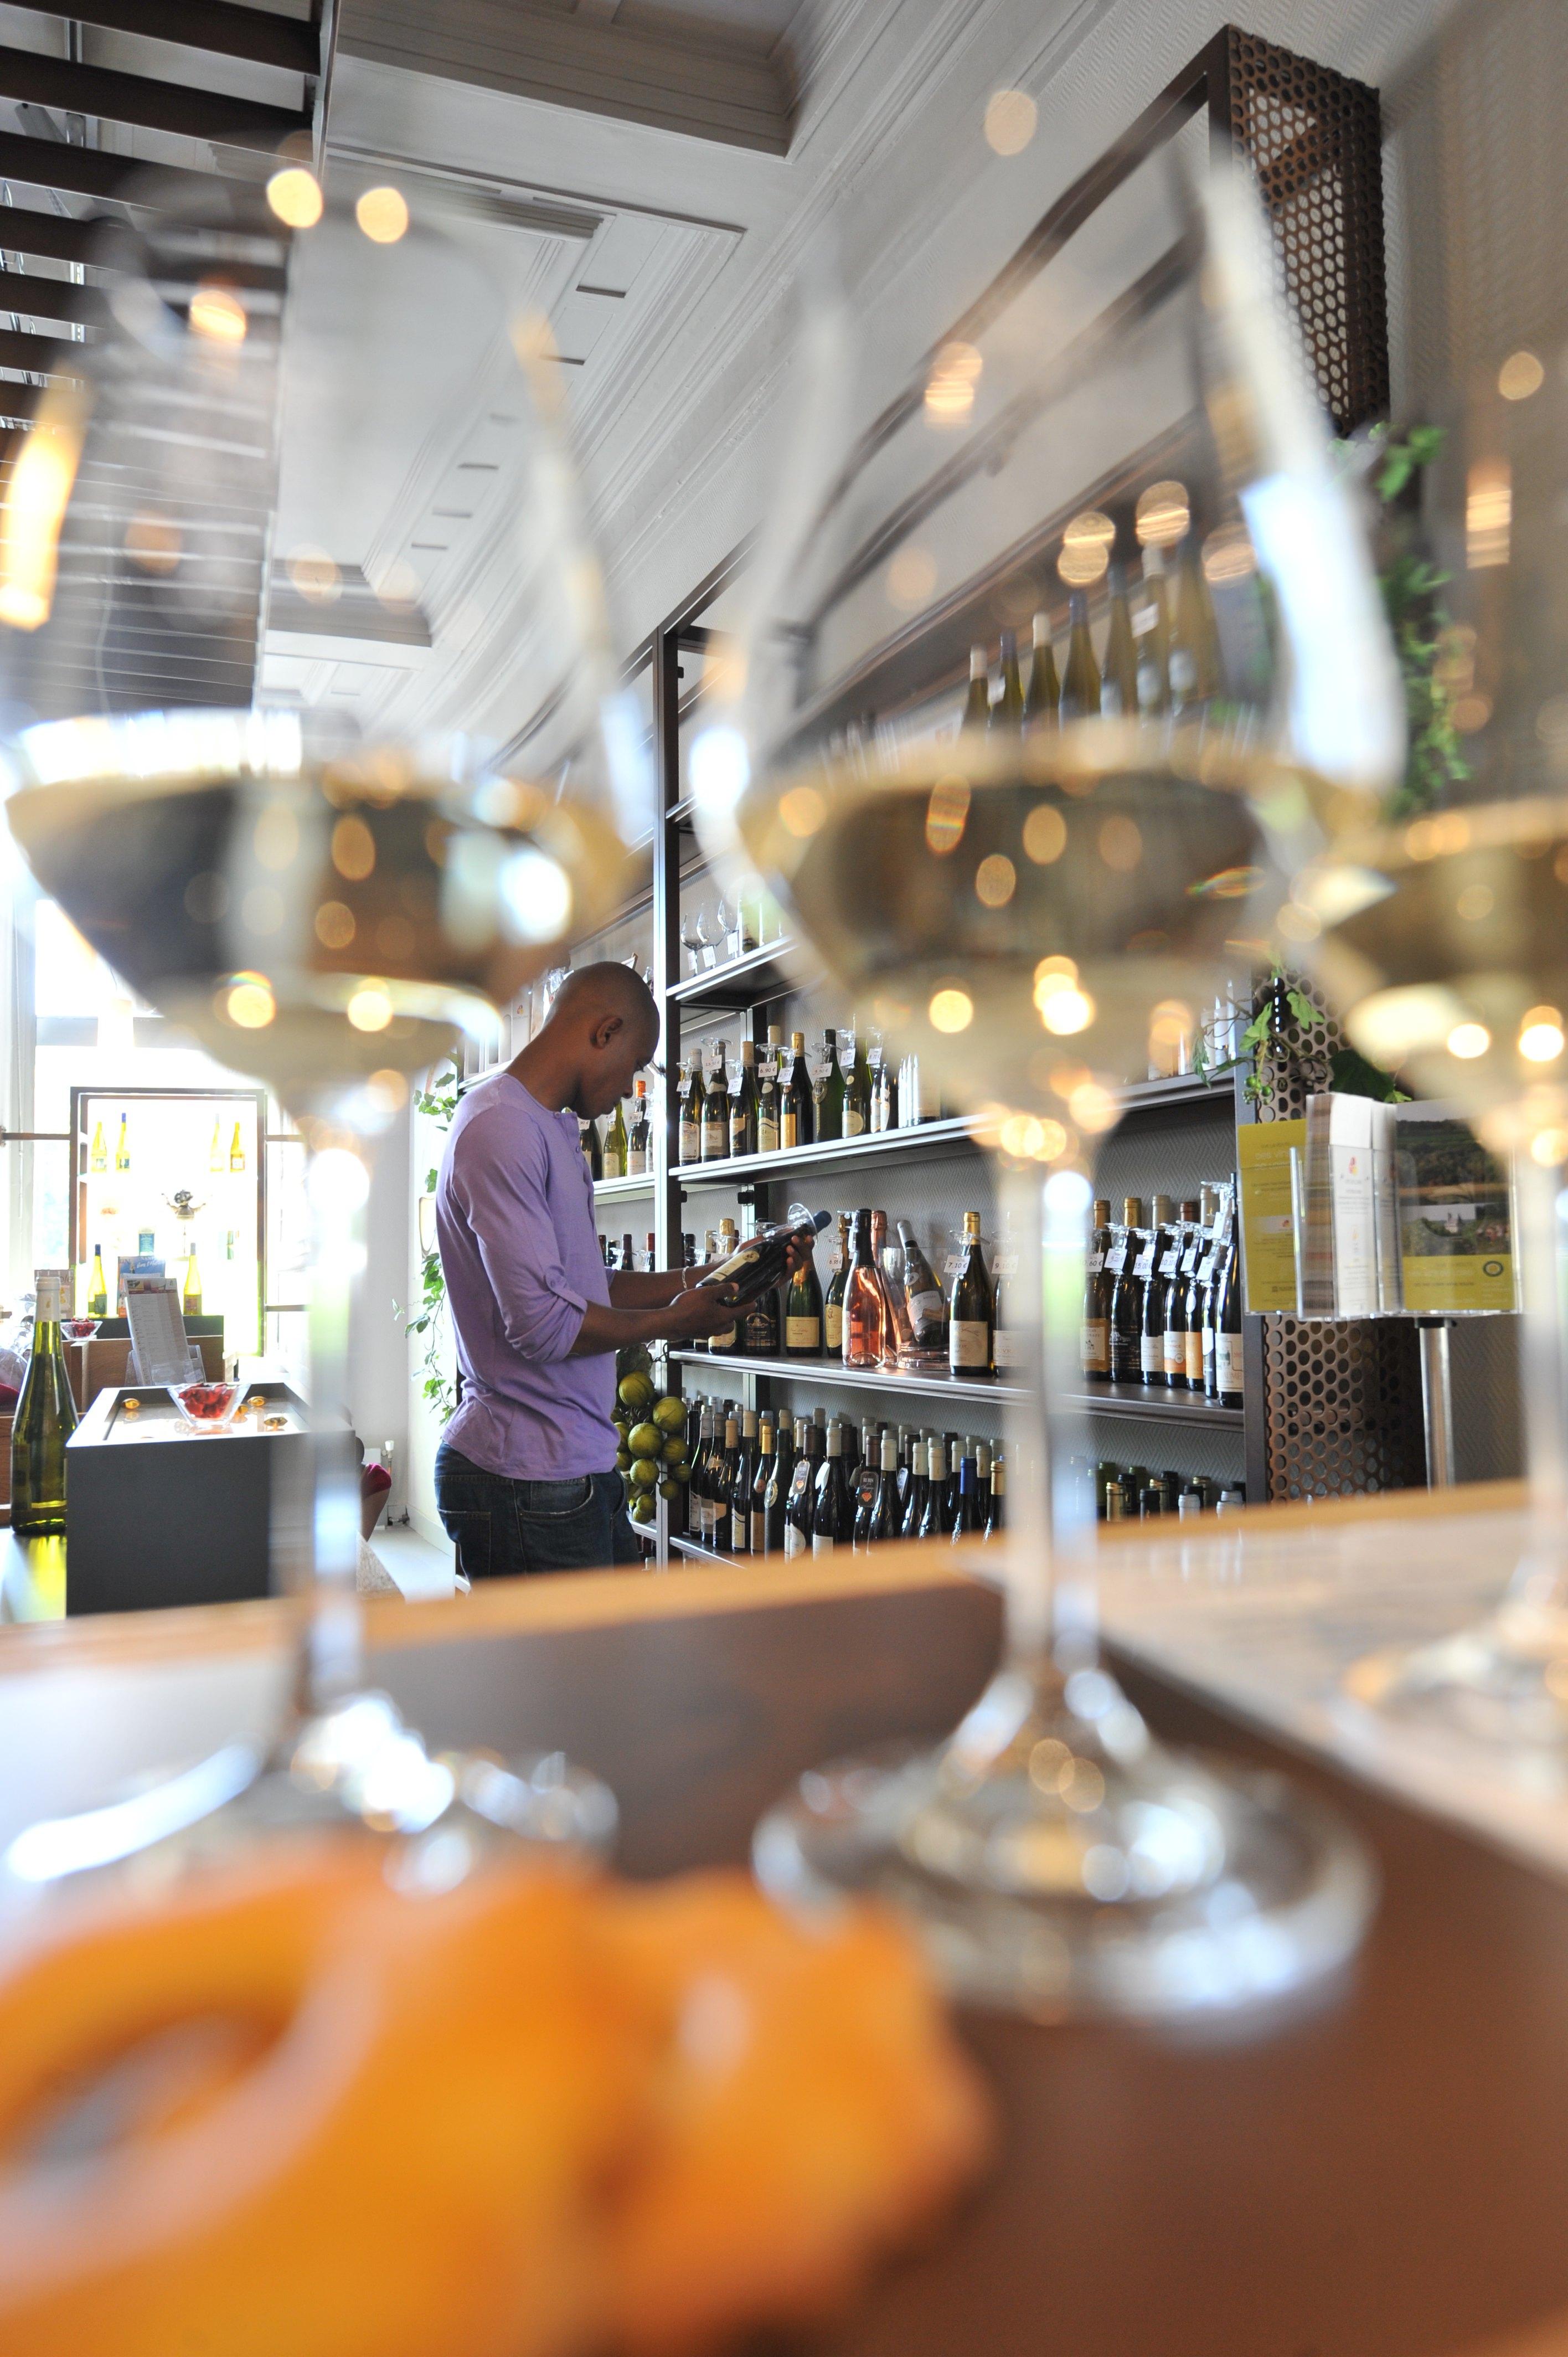 Vins De Nantes Les Tables De Nantes Muscadet Et Vins Du Val De Loire Nantes